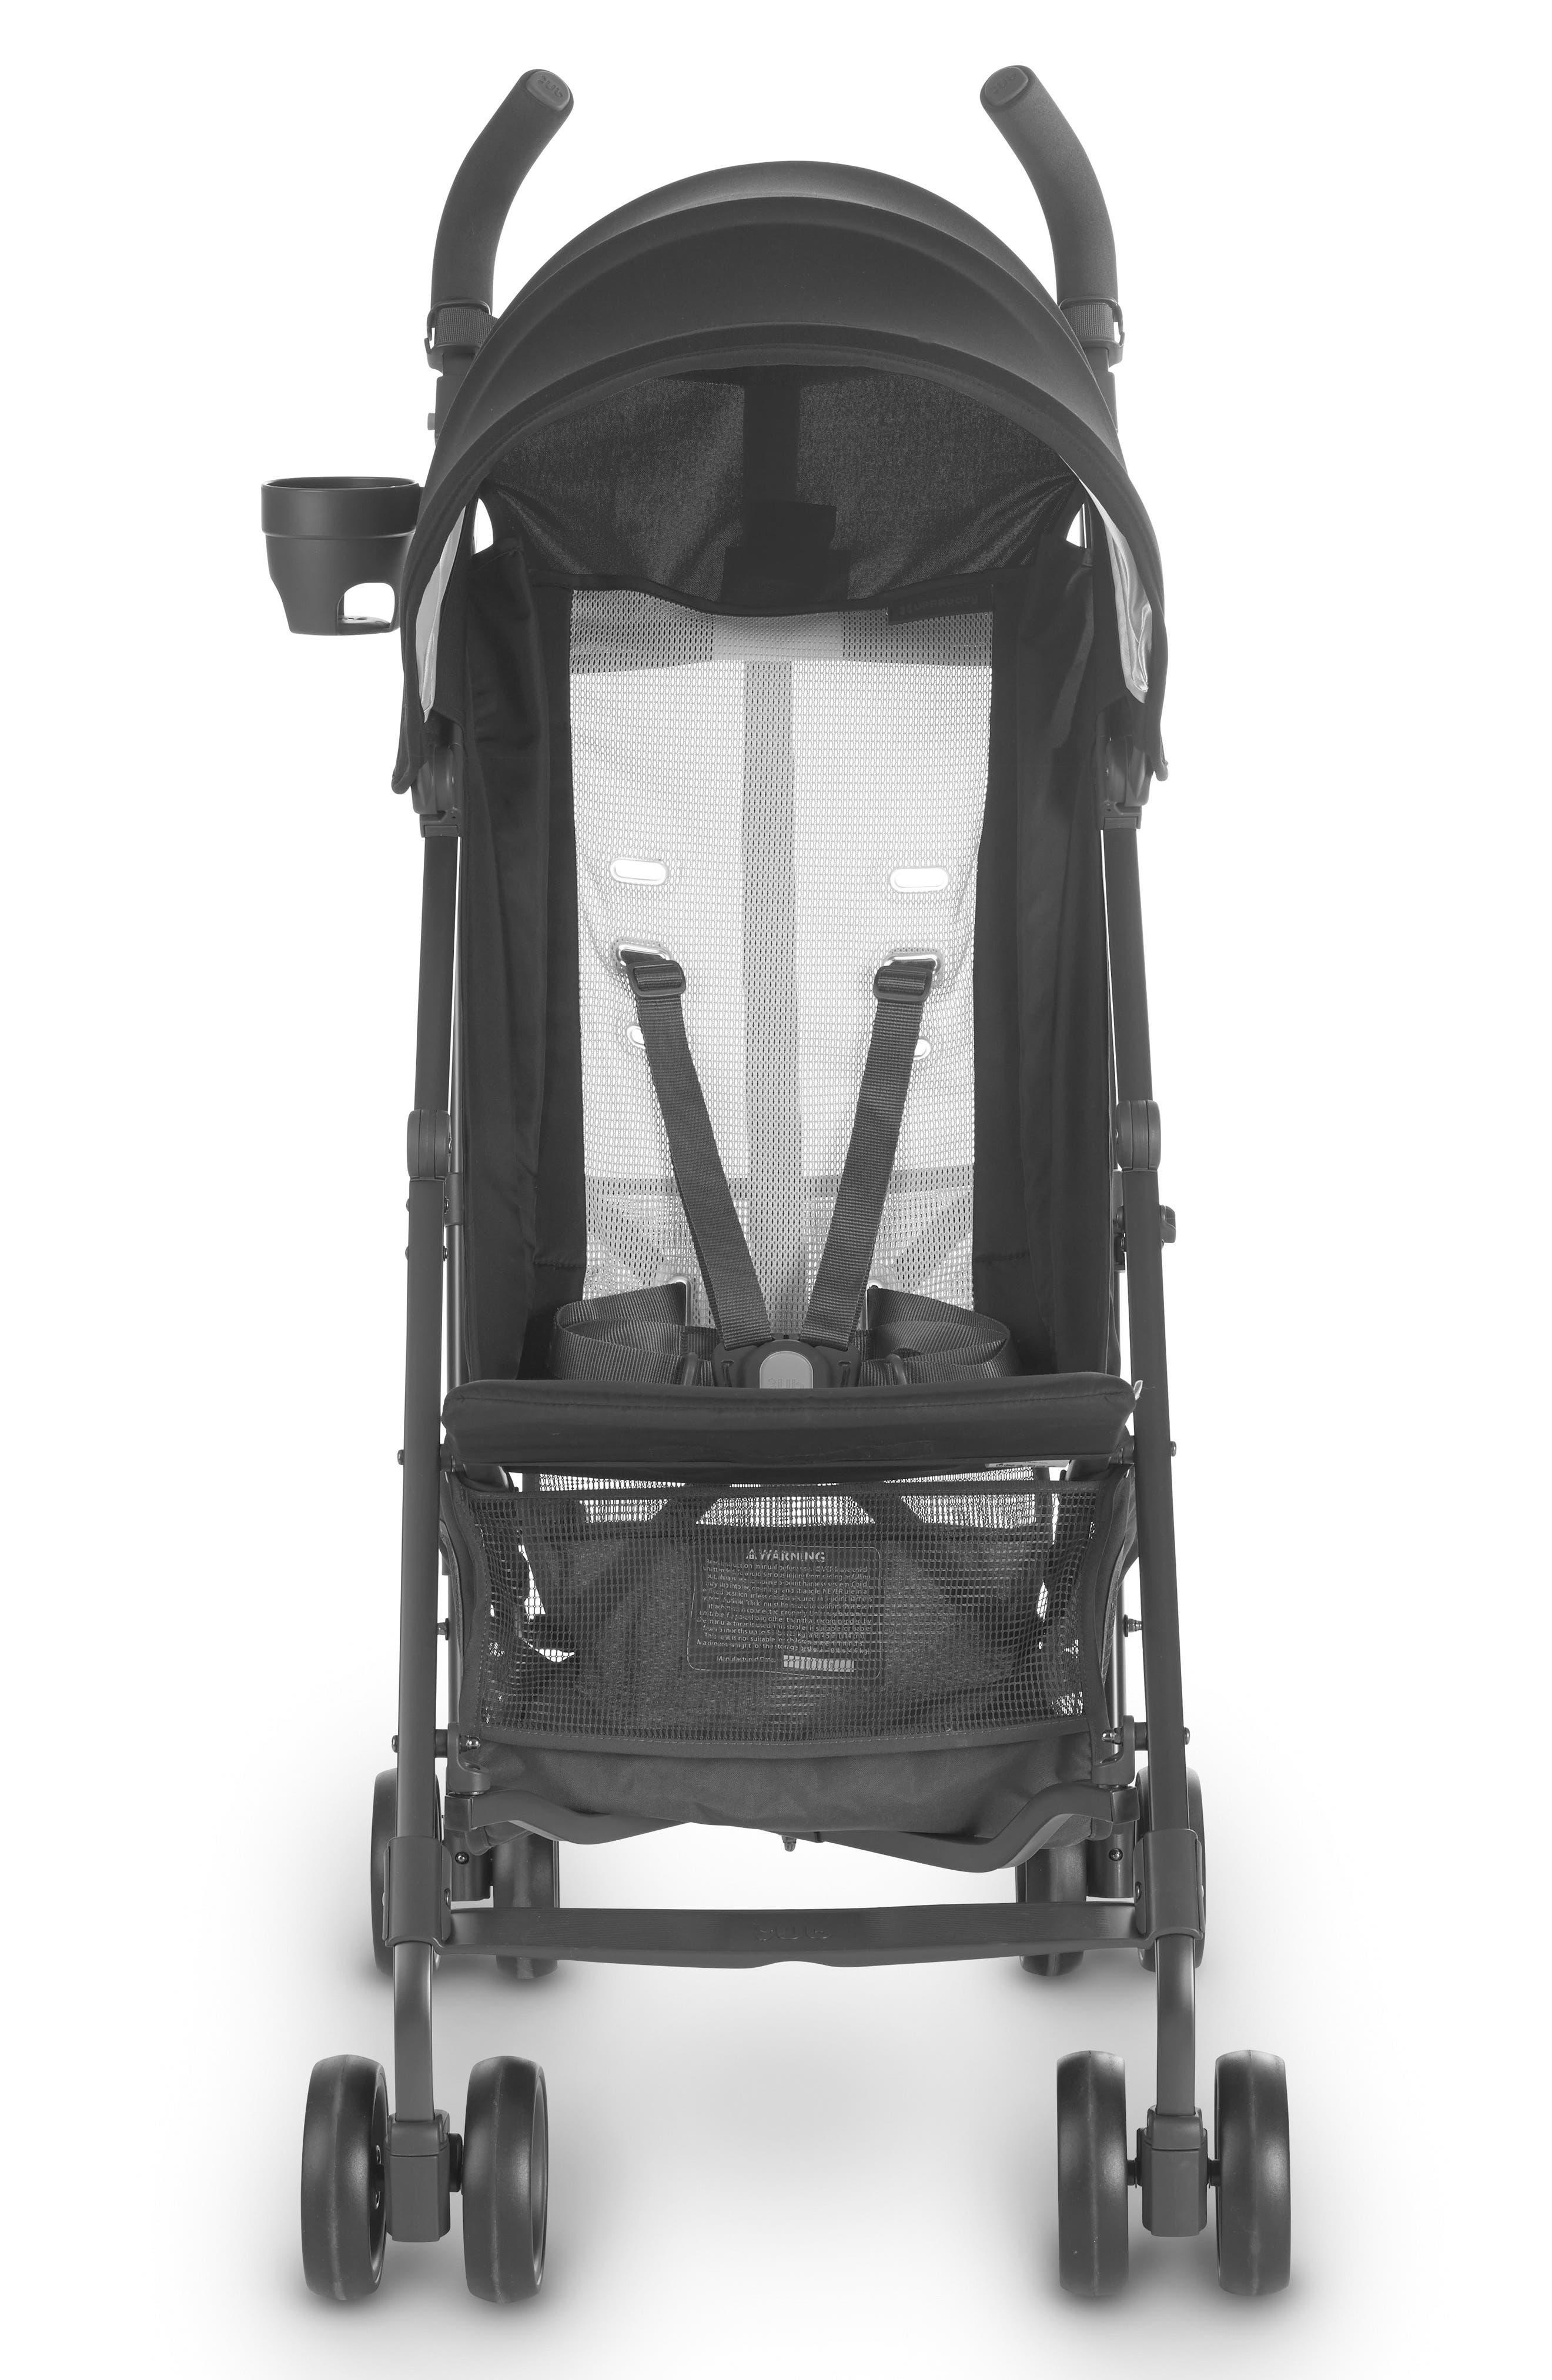 G-LITE 2018 Stroller,                         Main,                         color, Jake Black/ Carbon